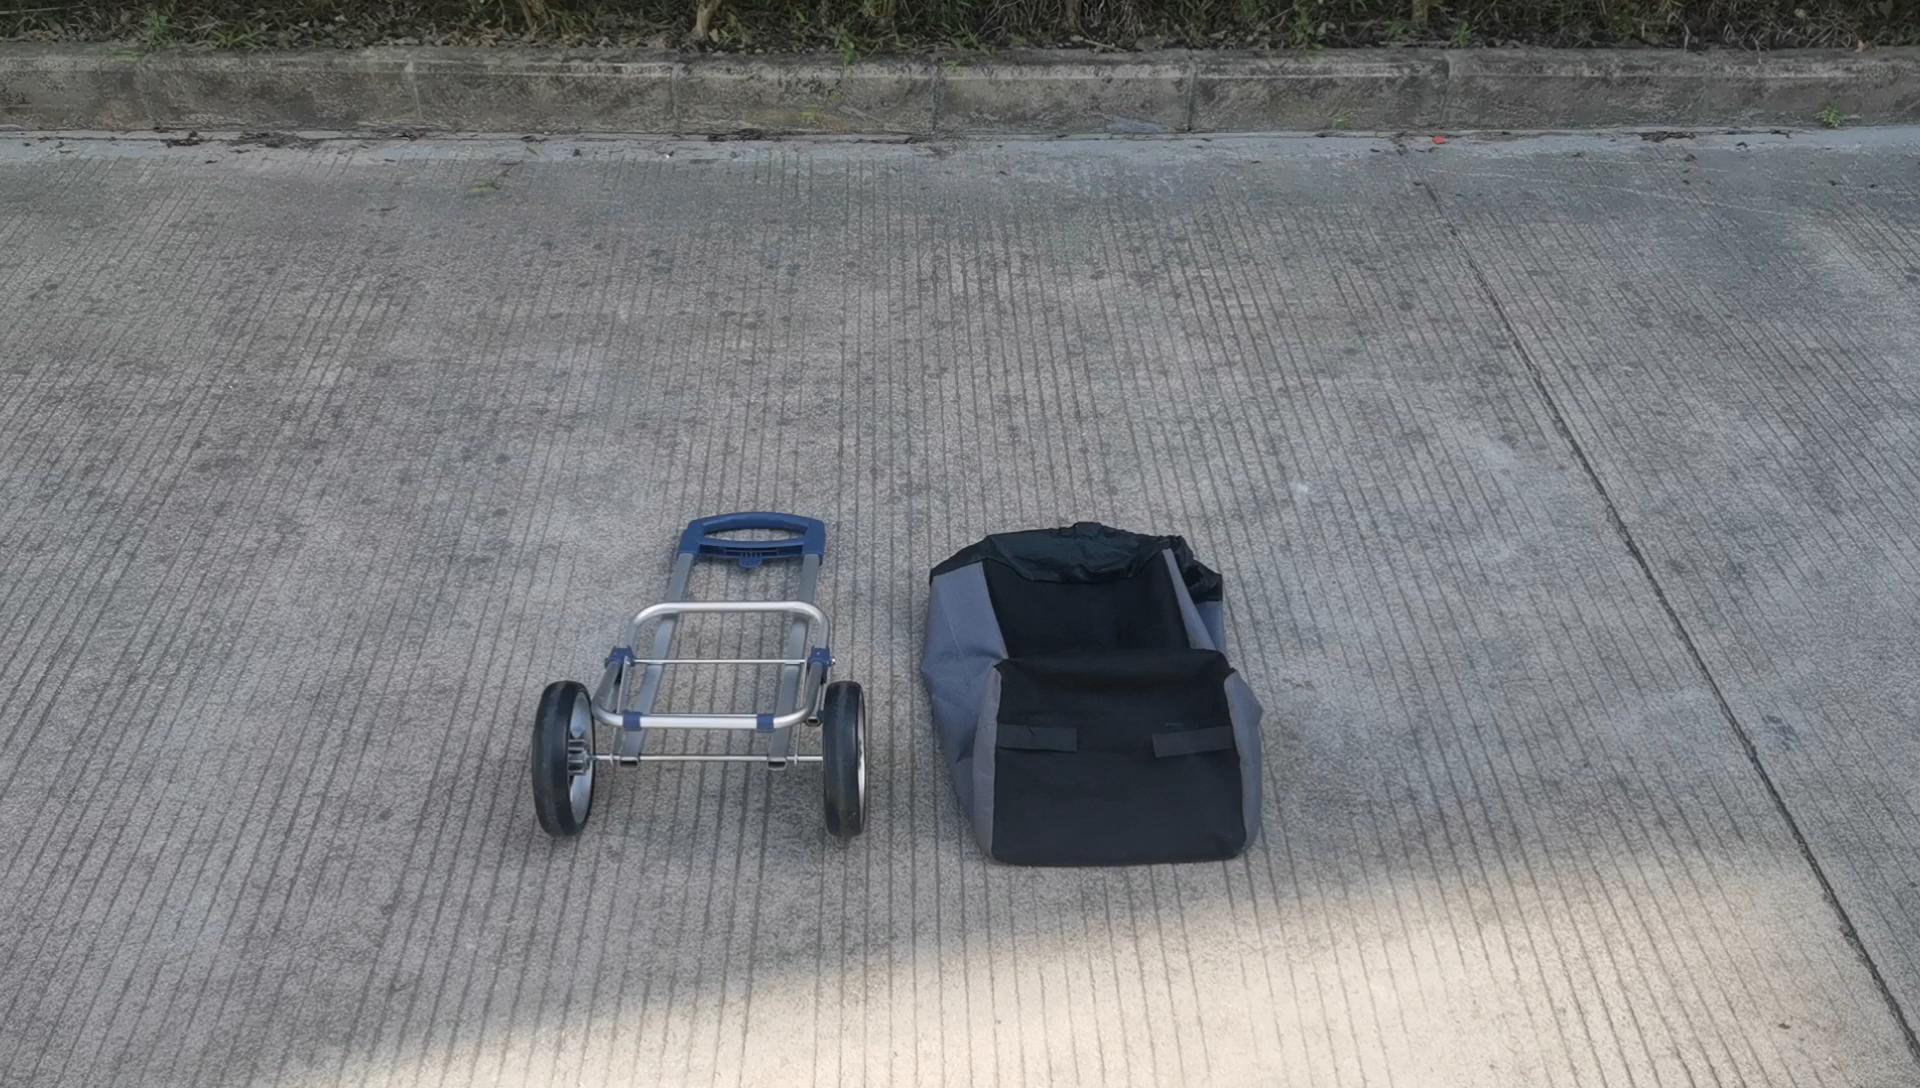 두 바퀴 수하물 카트 접이식 supermarket_shopping_trolley 휴대용 쇼핑 카트 트롤리